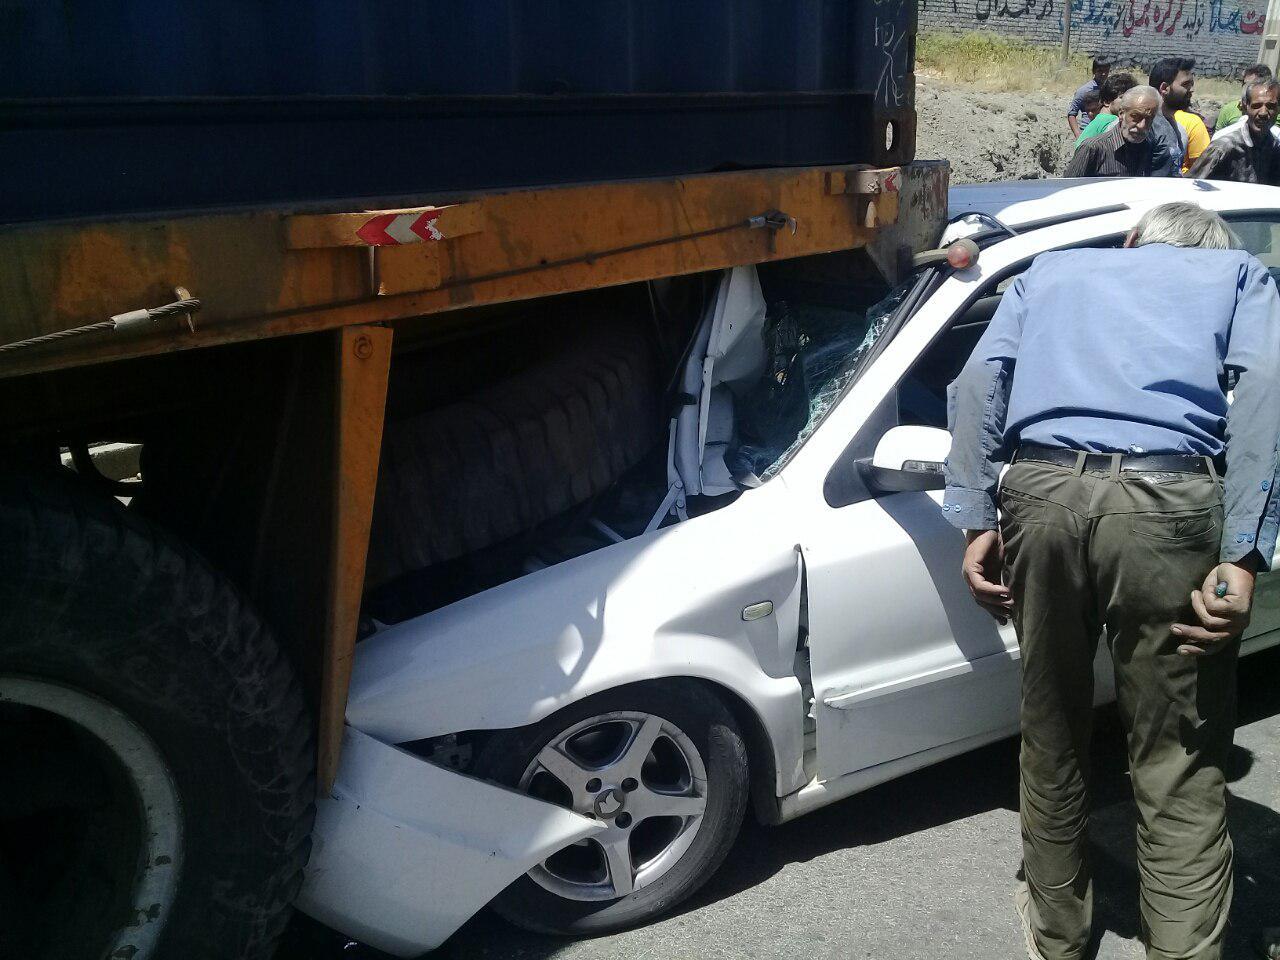 رکورد در تصادفات رانندگی ؛ عدم توجه به جلو در حین رانندگی